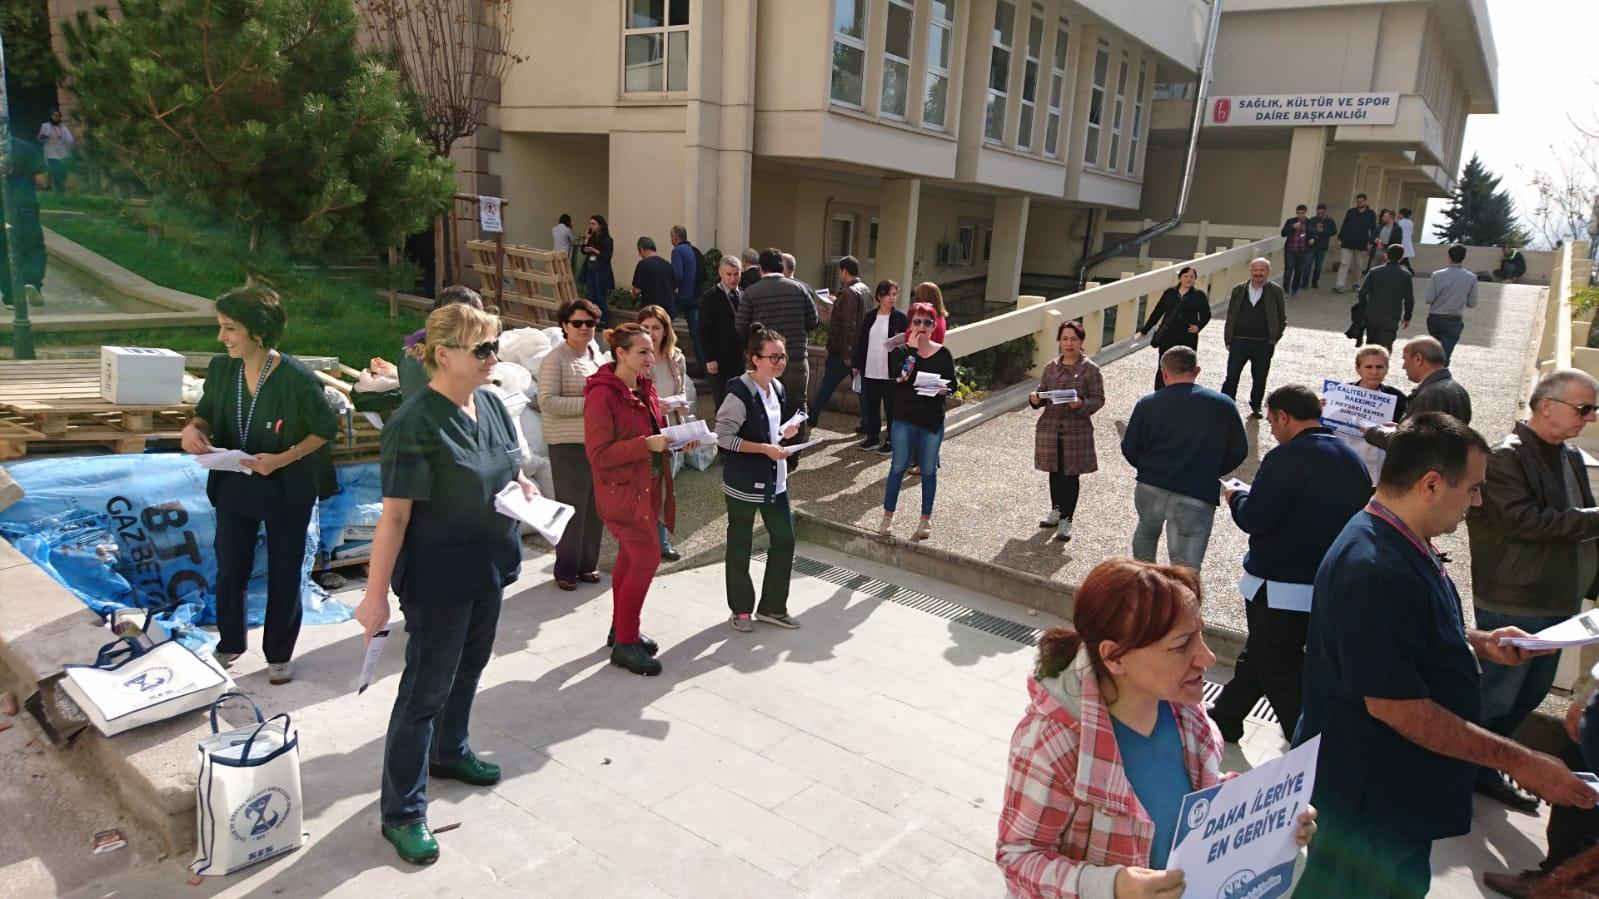 Ankara Şubemiz Hacettepe Üniversite Hastanesi'nde Çalışanların Sorunlarının Çözülmesi Talebiyle Bildiri Dağıttı